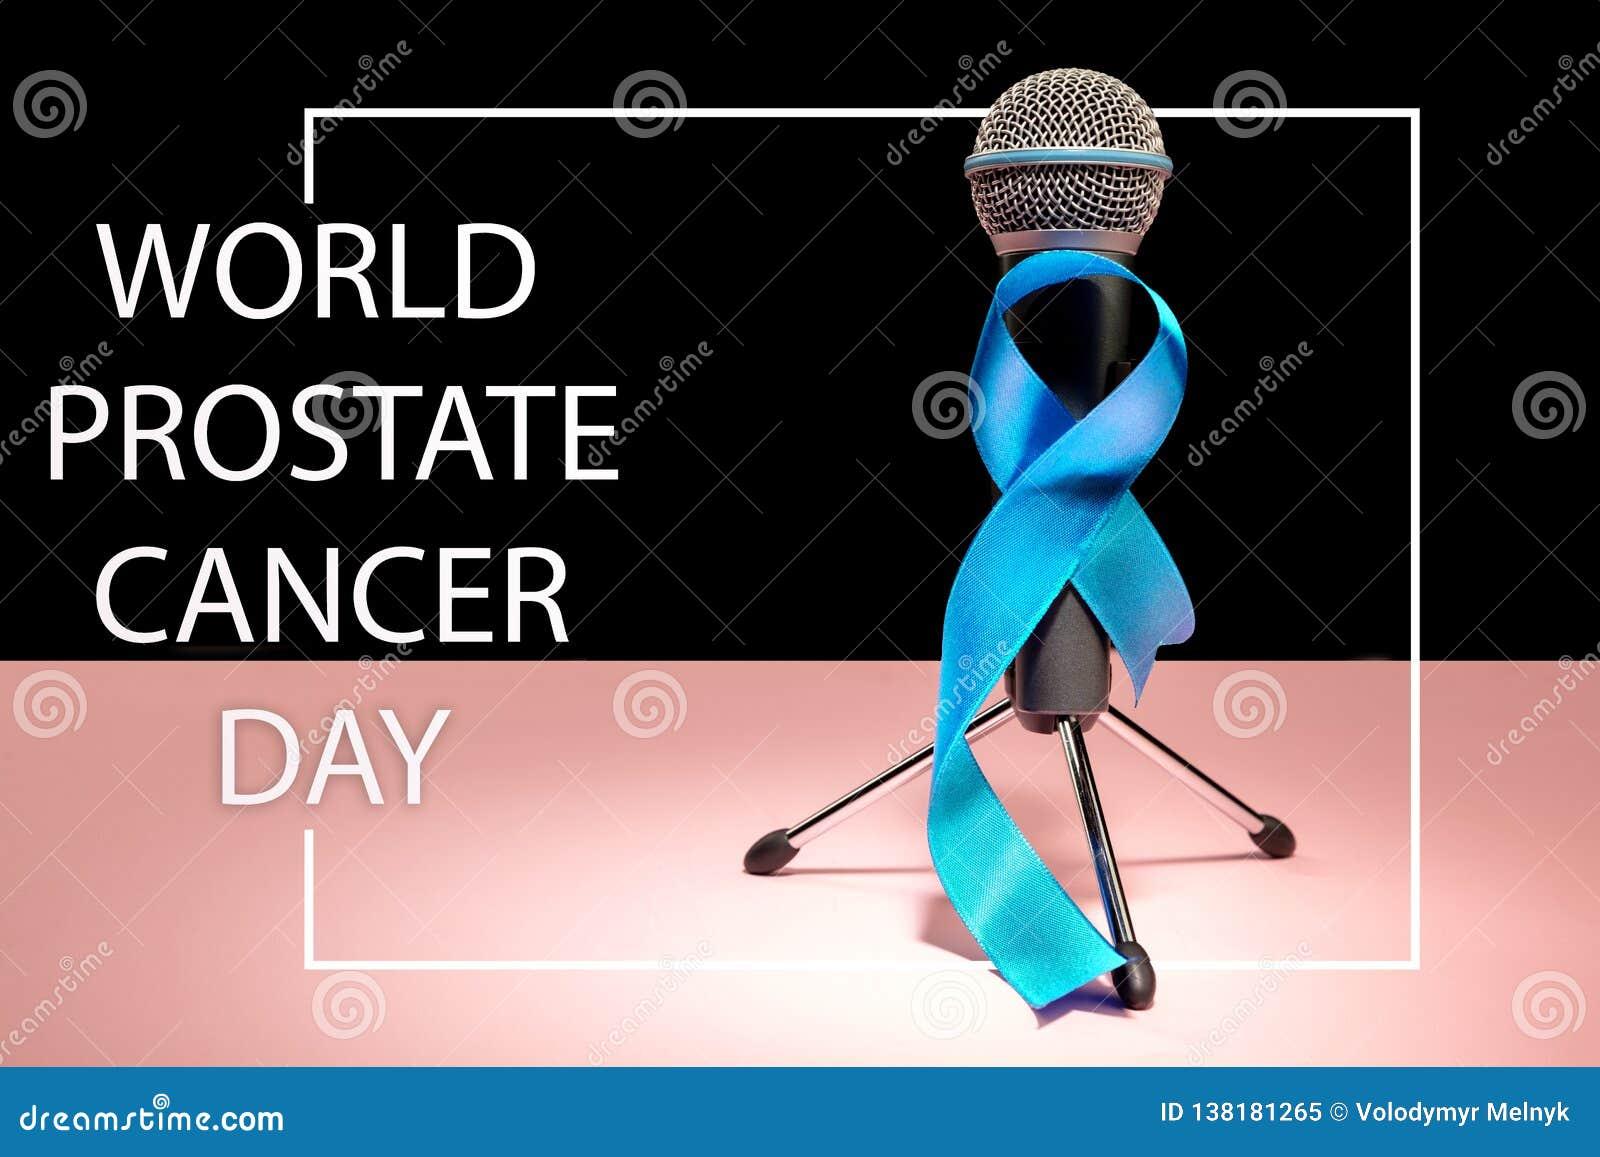 Strumpebandsorden som är symbolisk av aktionen för medvetenhet för prostatacancer och mäns hälsa i November